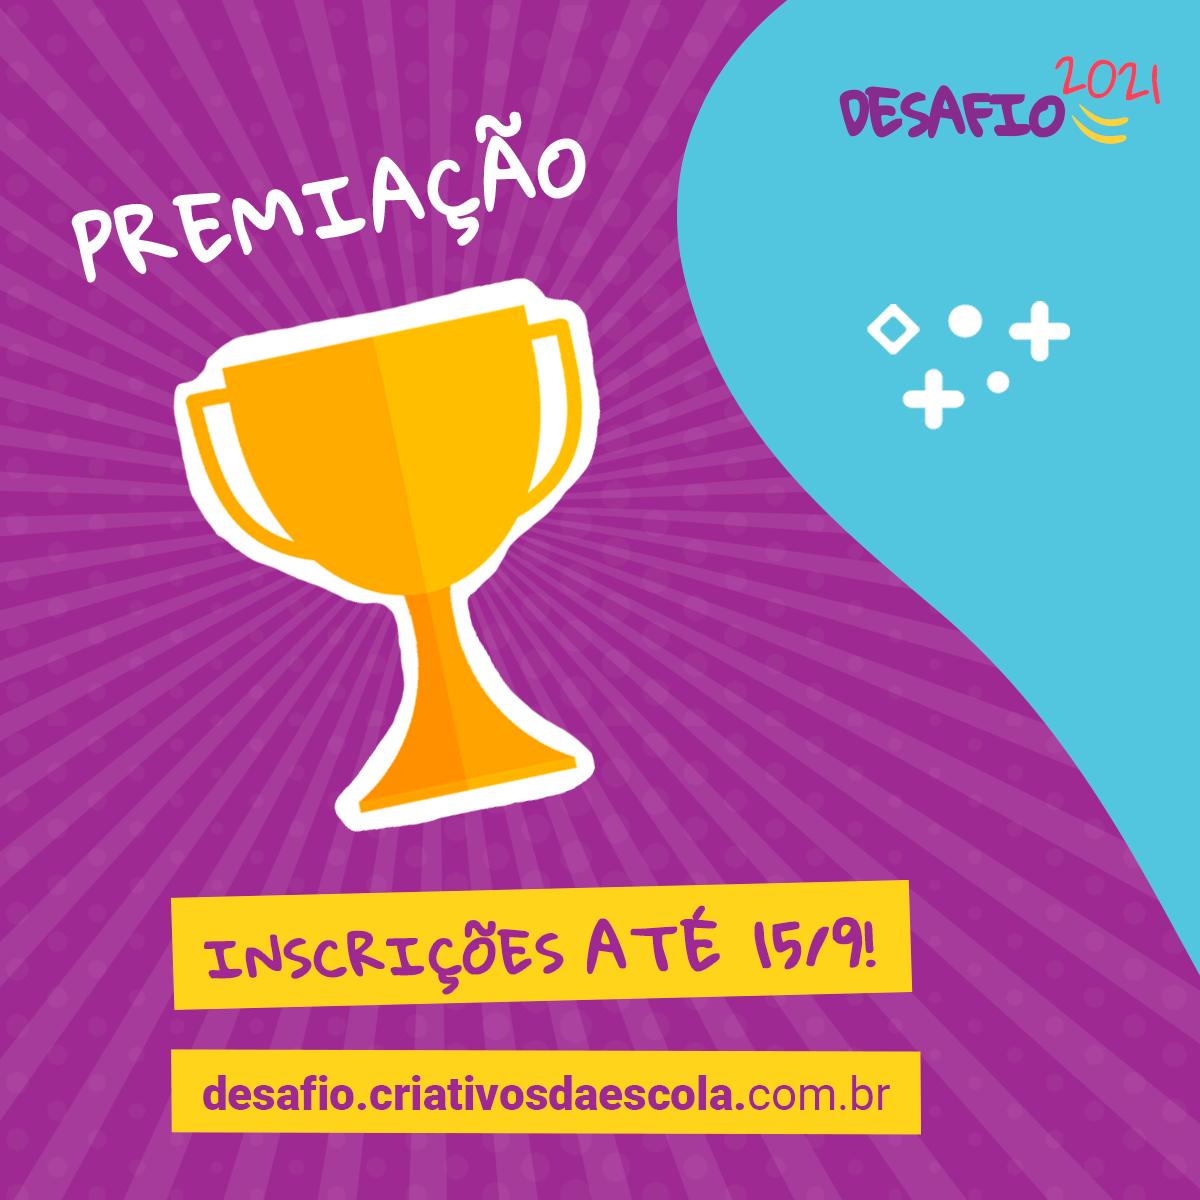 Estão abertas as inscrições para a Premiação do Desafio Criativos da Escola 2021